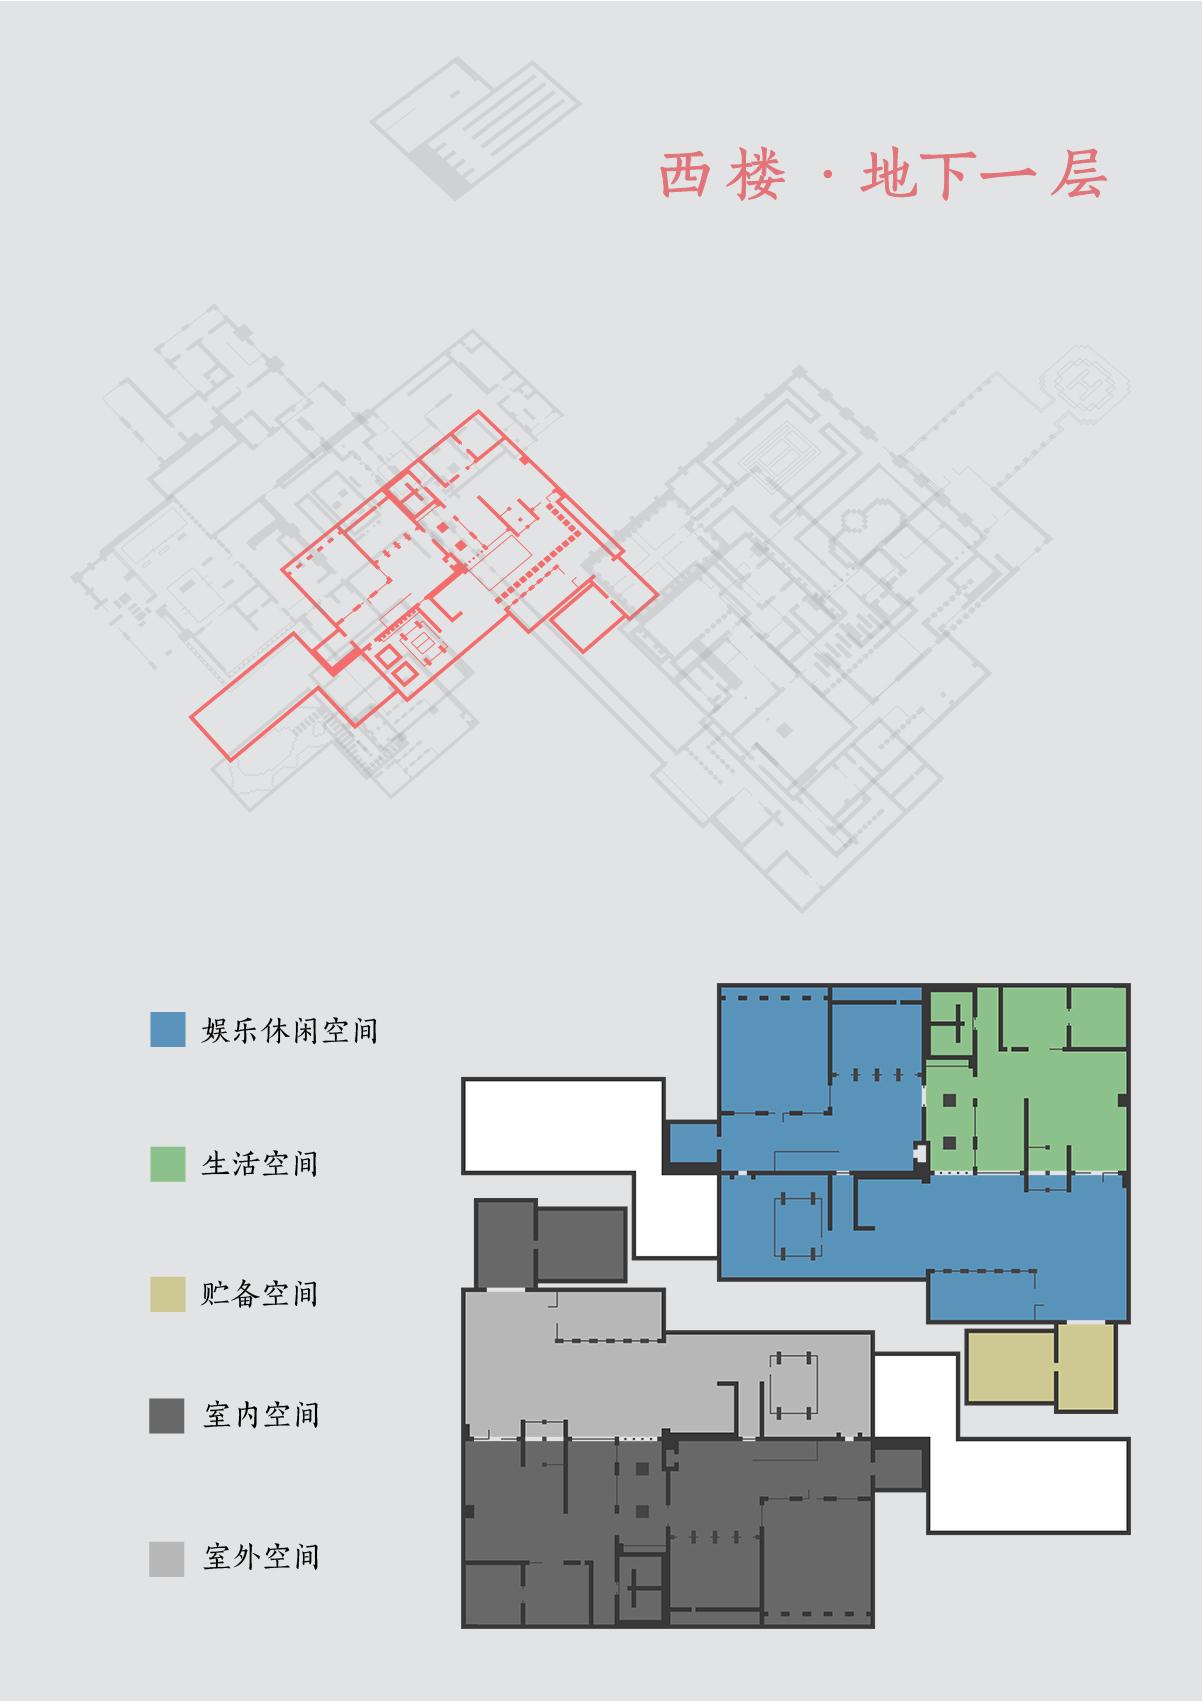 【我的别墅现代建筑群】海岛v别墅世界--源梦岛佳路影333弄别墅图片